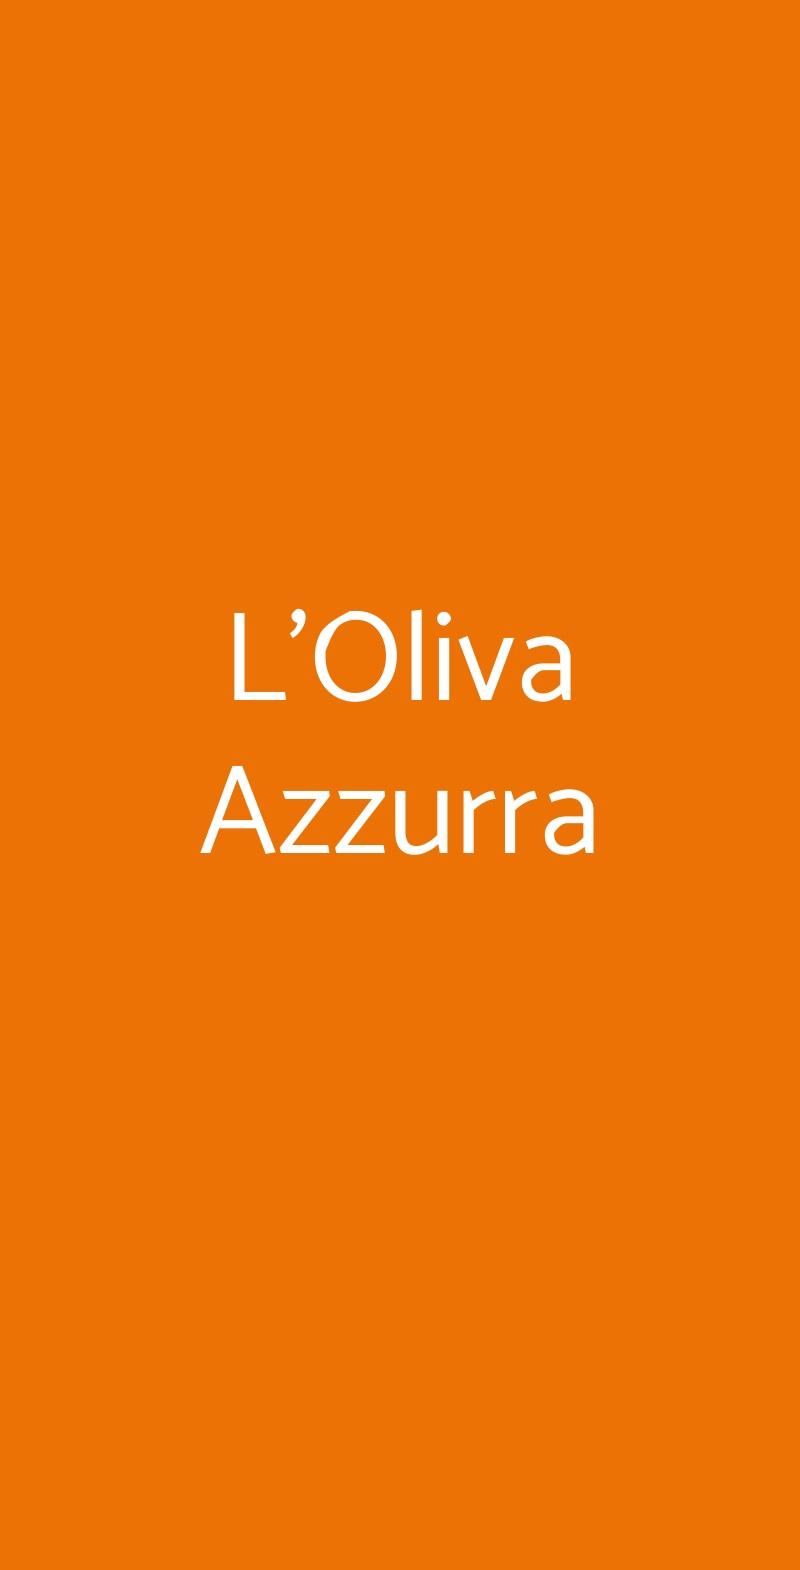 L'Oliva Azzurra Valeriano Lunense menù 1 pagina